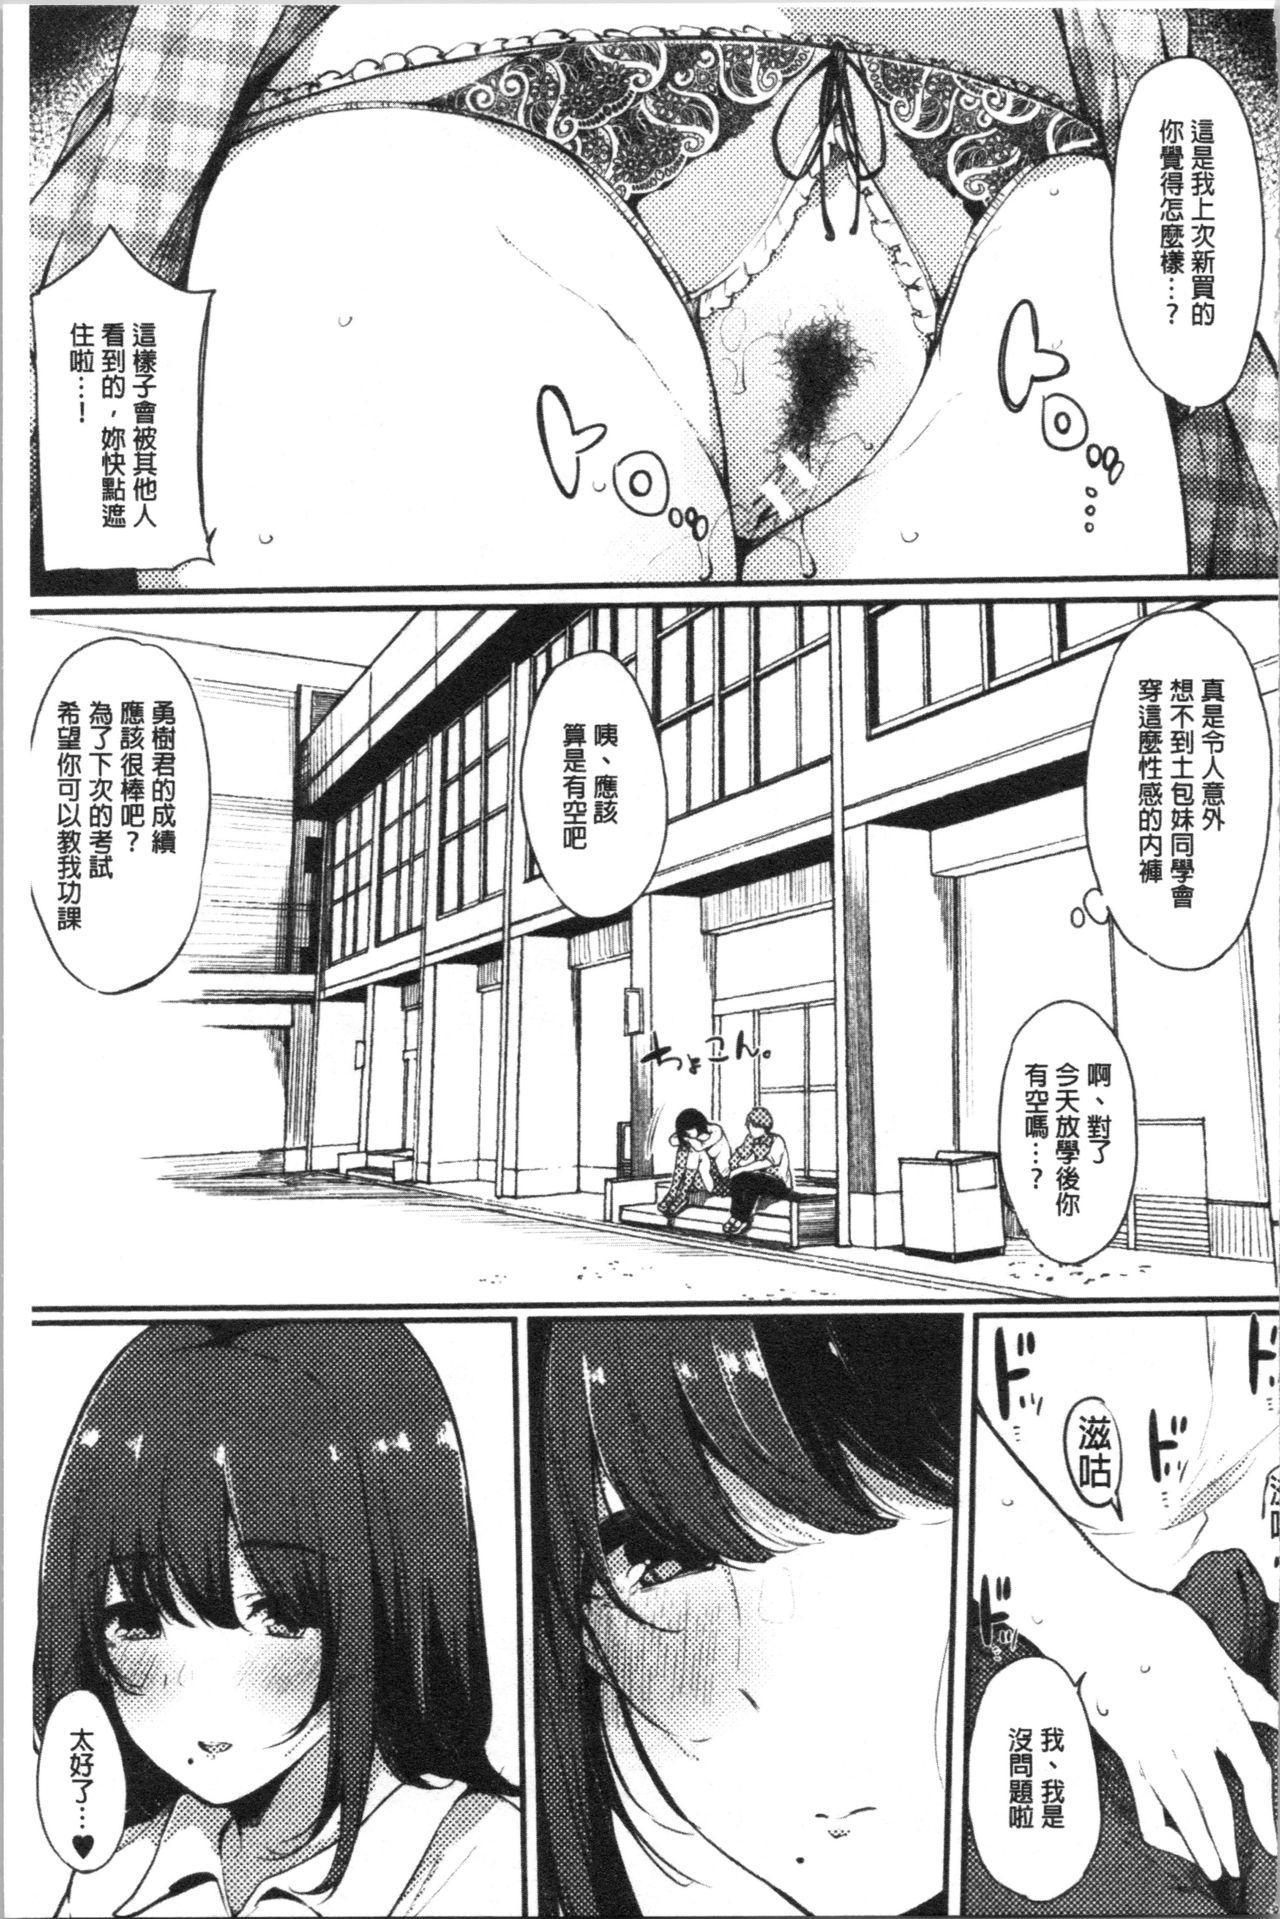 Hametomo Onna Tomodachi ga SeFri-ka shita Hi | 性愛砲友 女友們都變砲友化的日子 16